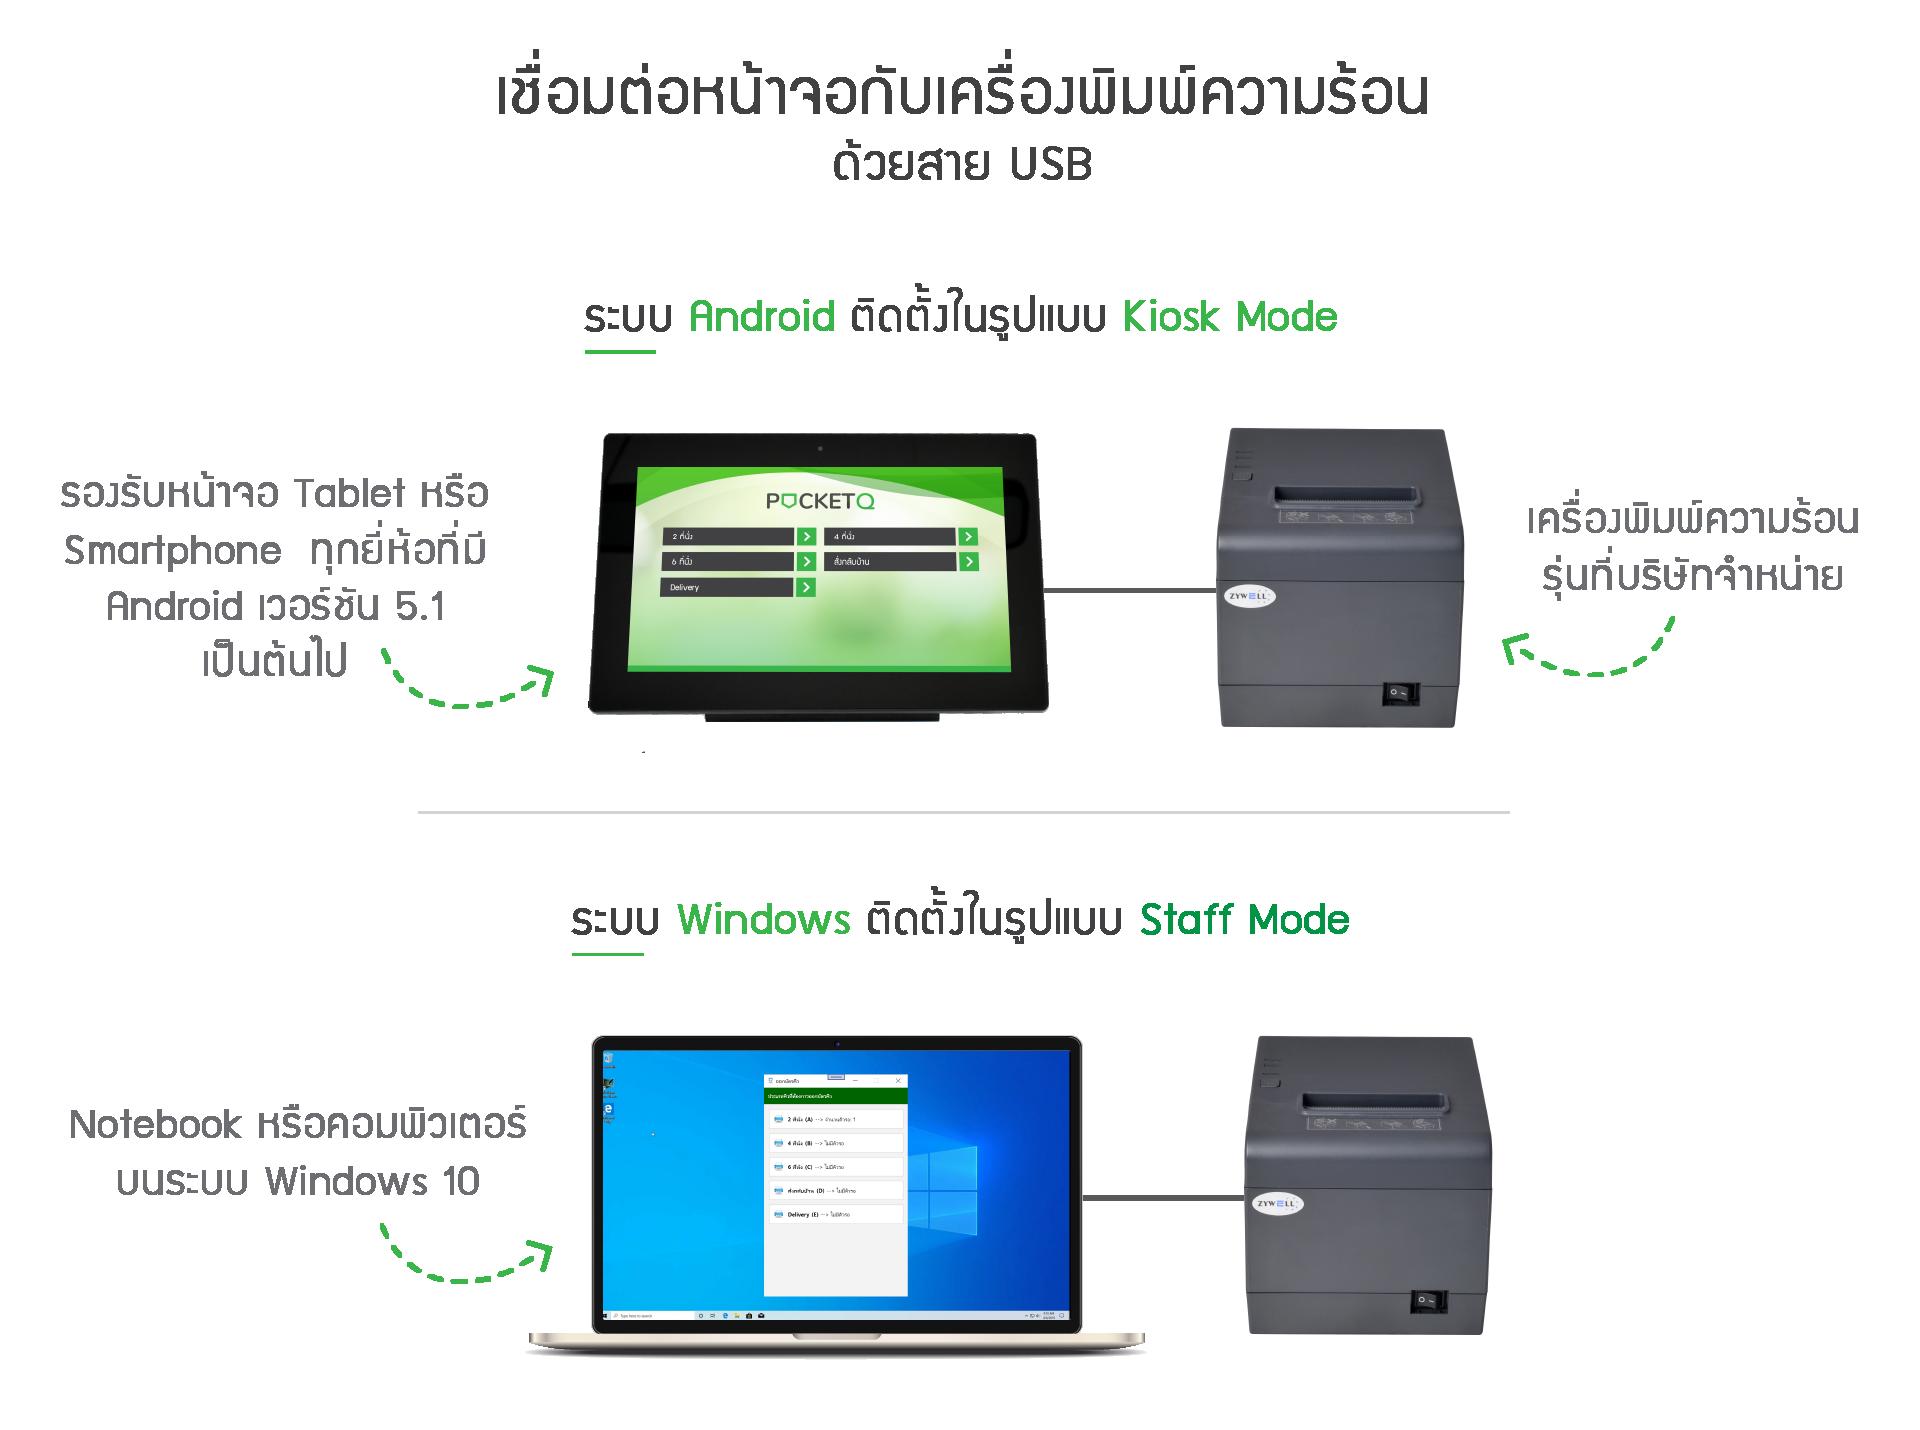 เชื่อมต่อหน้าจอออกบัตรคิวกับเครื่องพิมพ์ความร้อนด้วยสาย USB รองรับทั้งแบบ Kiosk mode และแบบ Staff mode